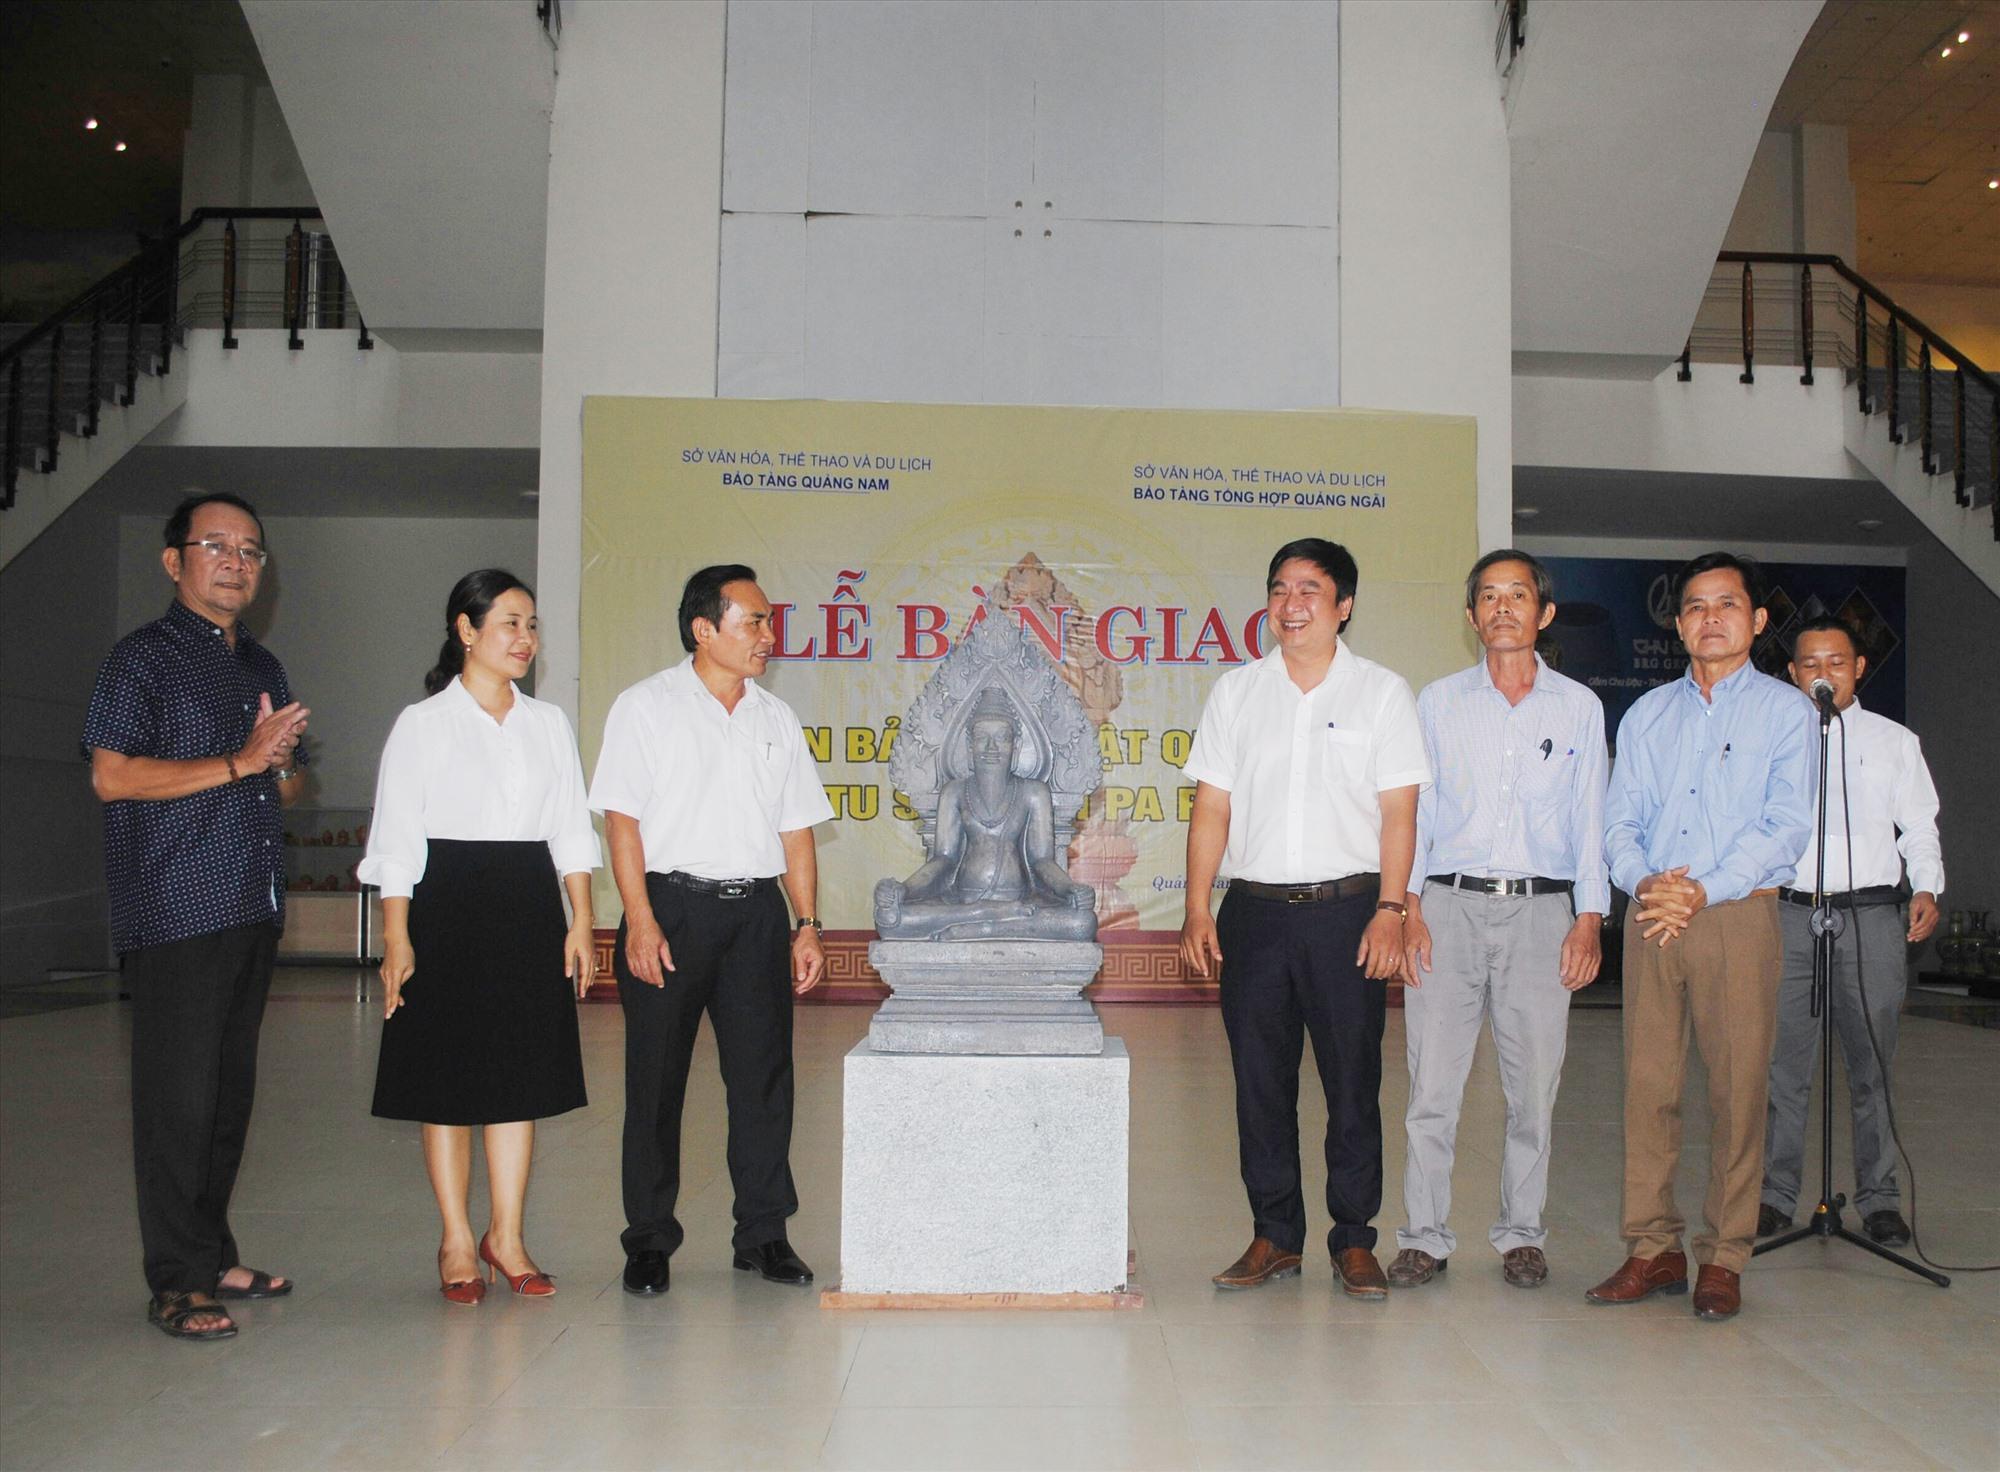 Lễ bàn giao phiên bản tượng Tu sĩ Chămpa Phú Hưng tại Bảo tàng Quảng Nam.